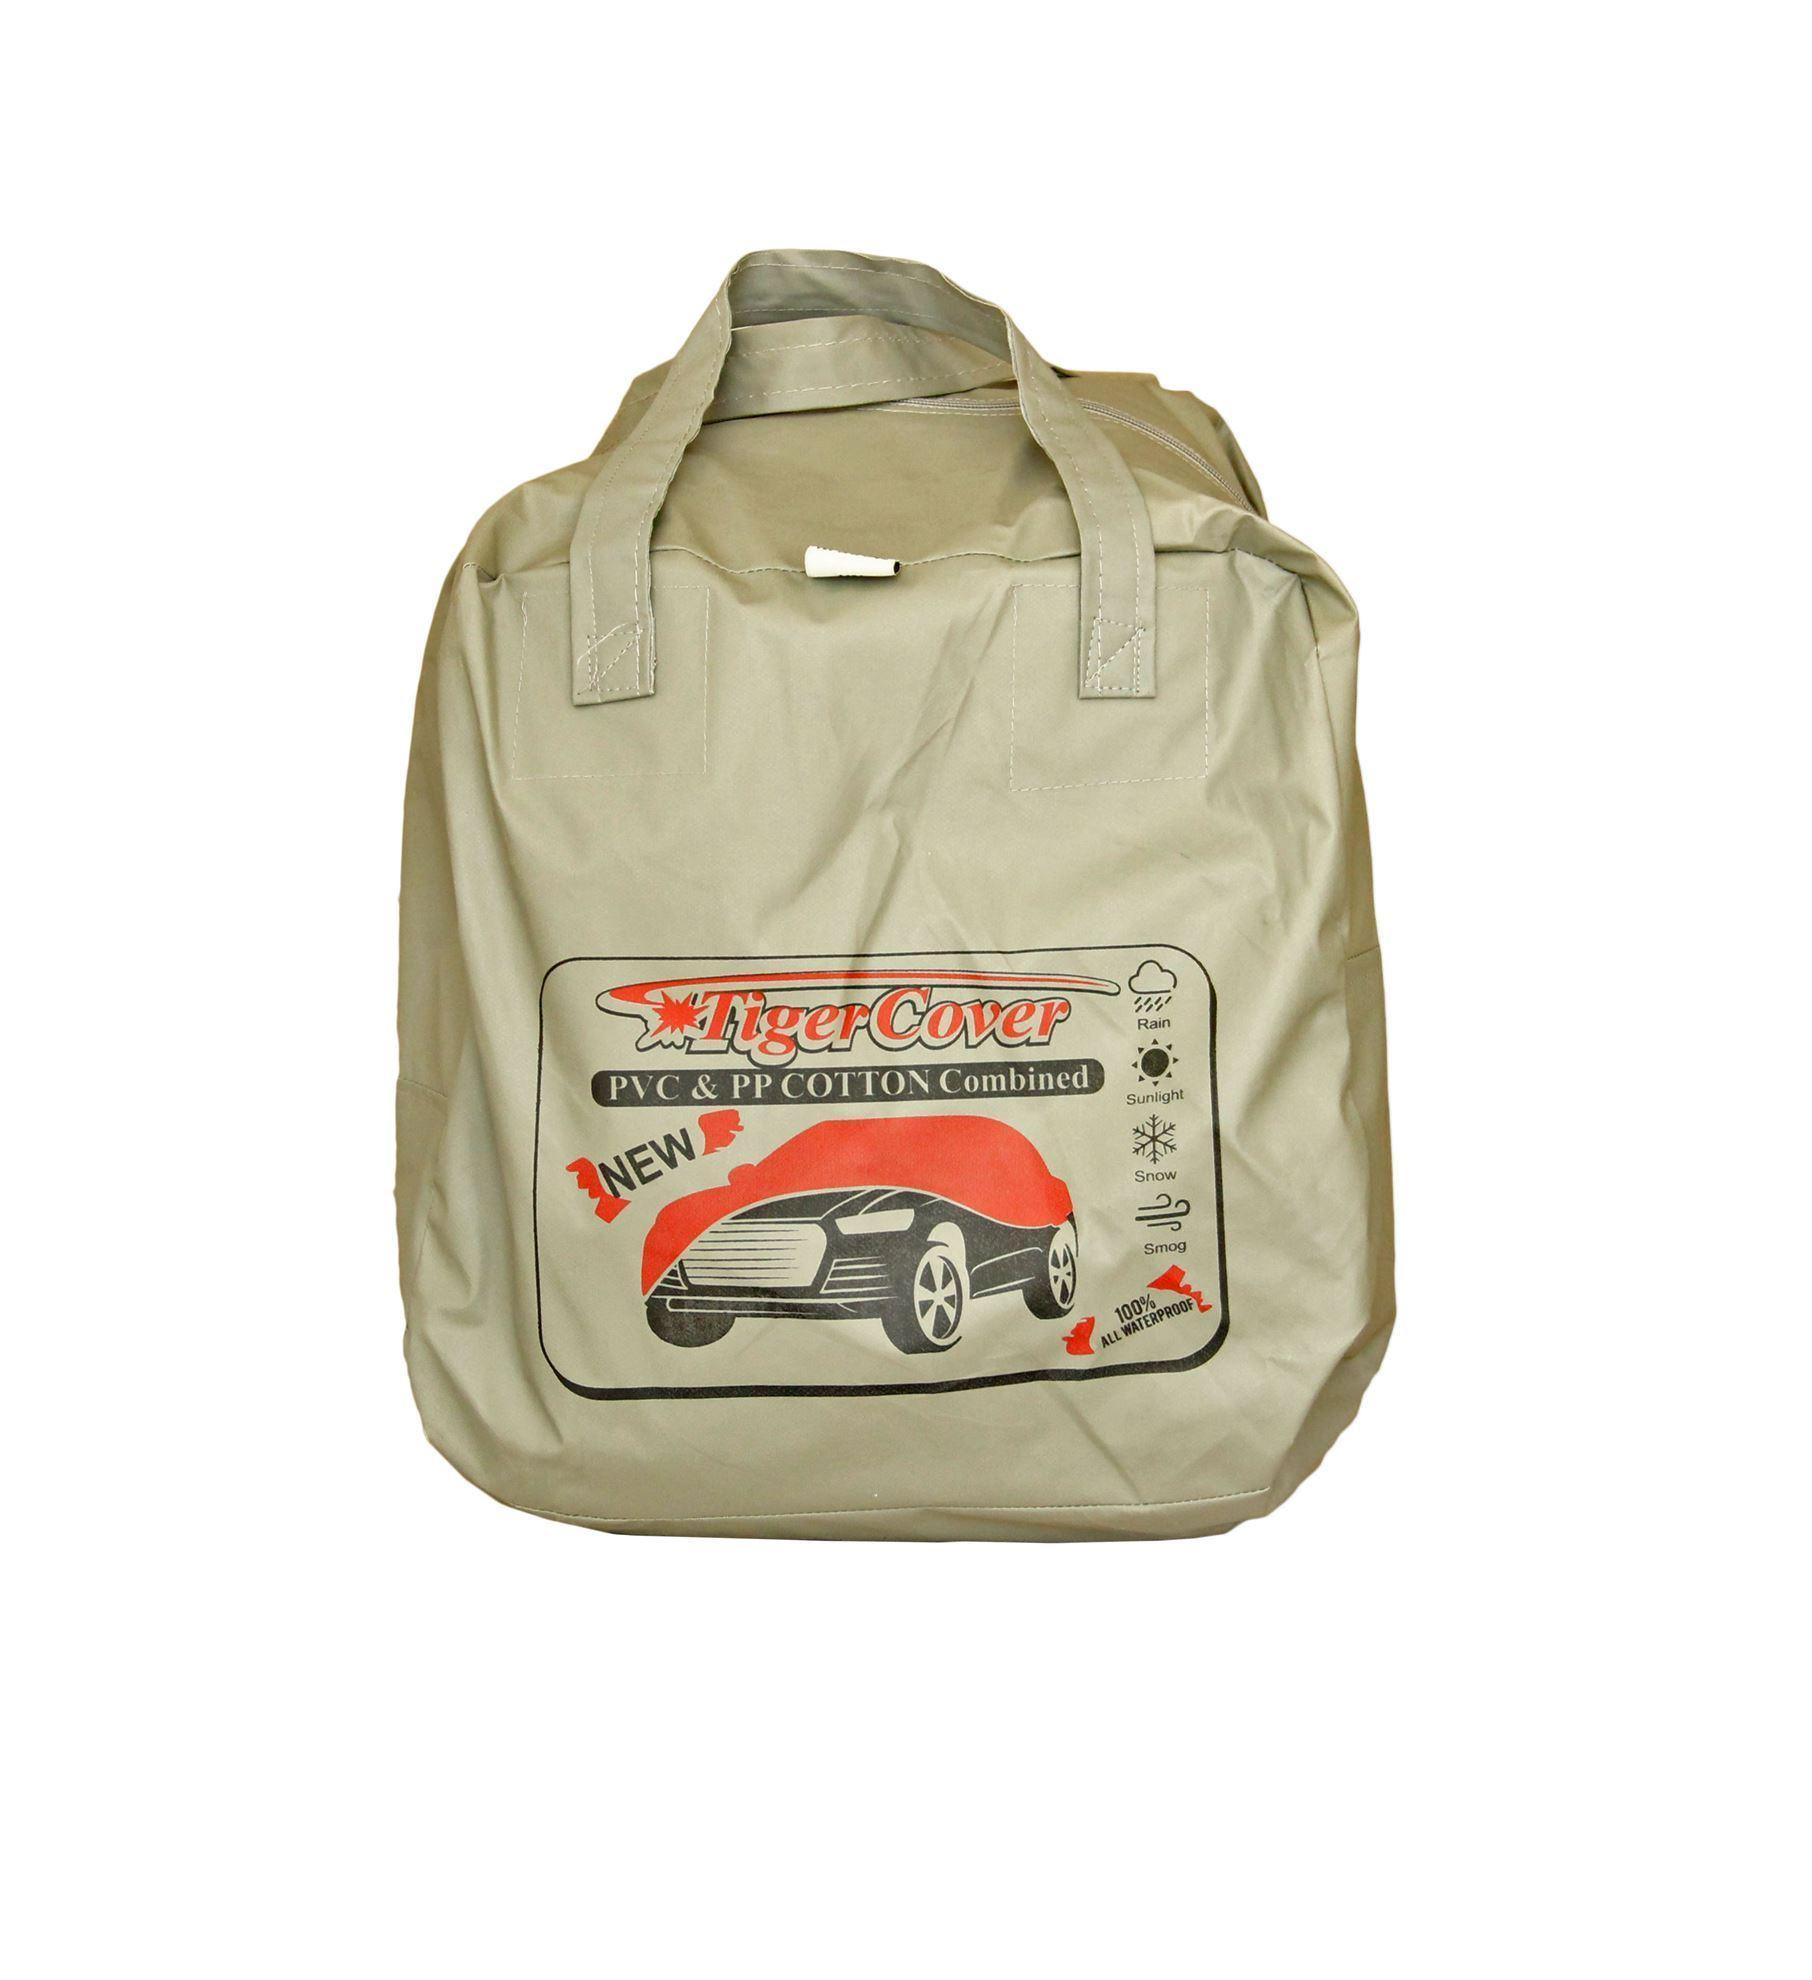 تصویر روکش خودرو مدل Tc b مناسب برای پژو405،پارس،پرشیا،سمند،رانا،206 sd